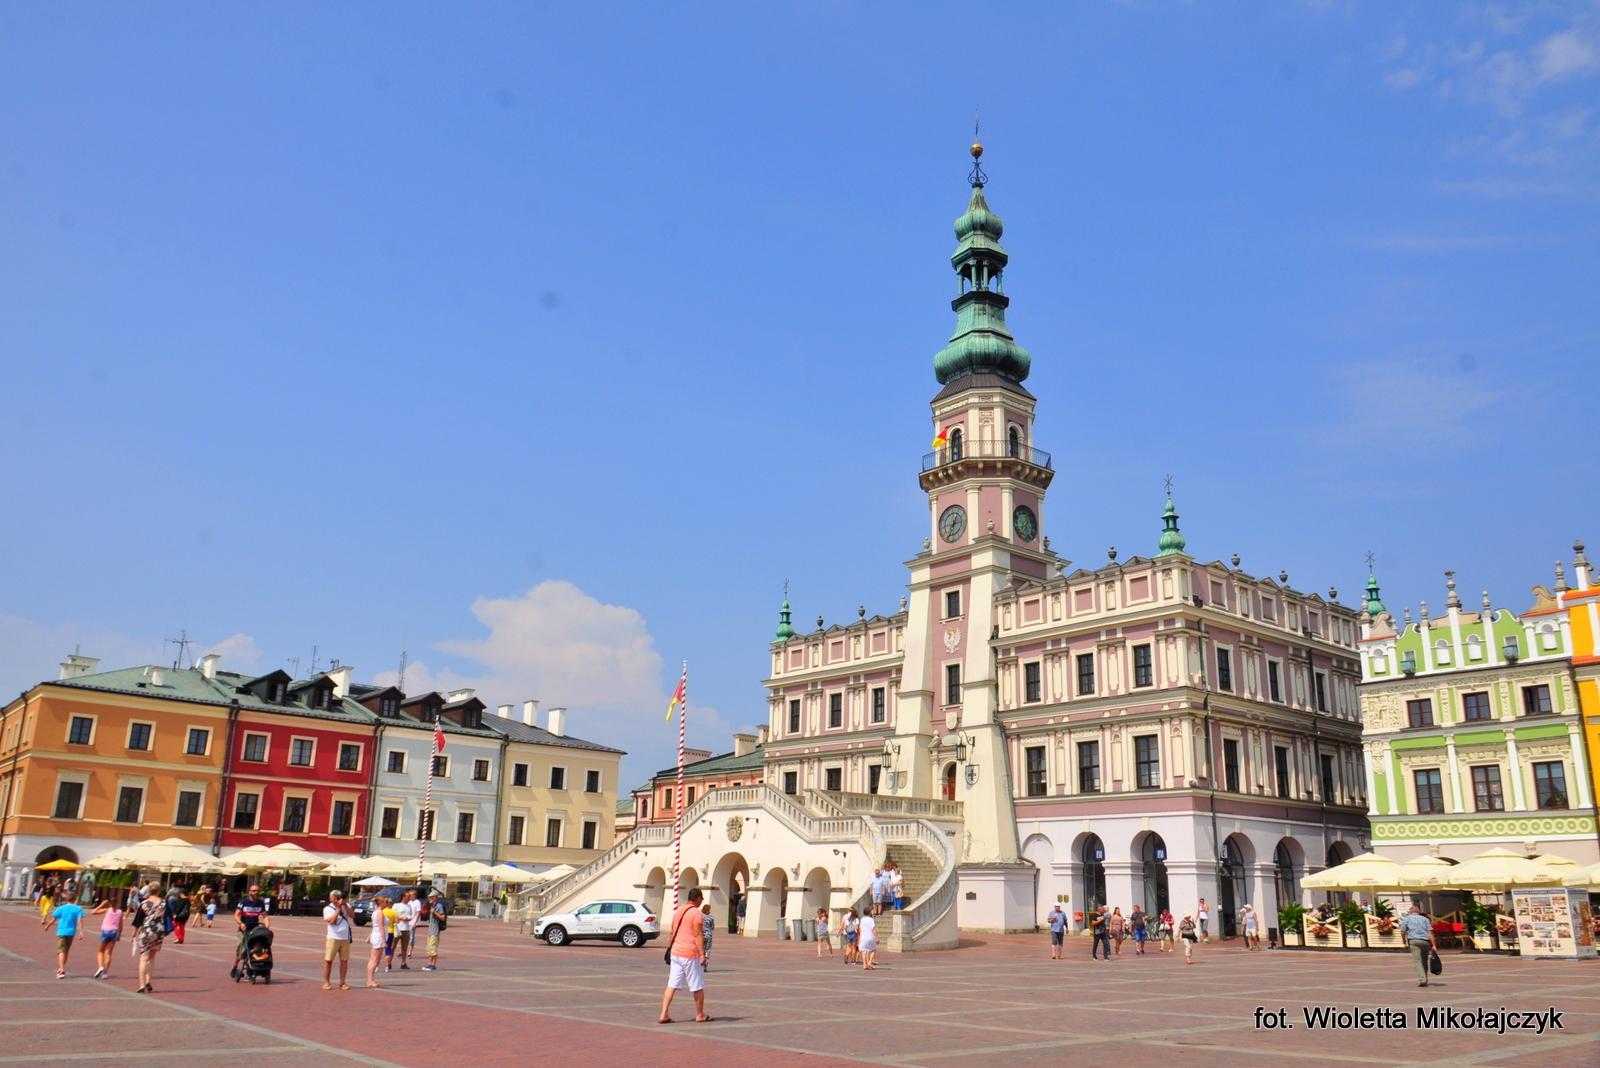 Jeden dzień w Zamościu, czyli zwiedzanie miasta zwanego perłą renesansu.